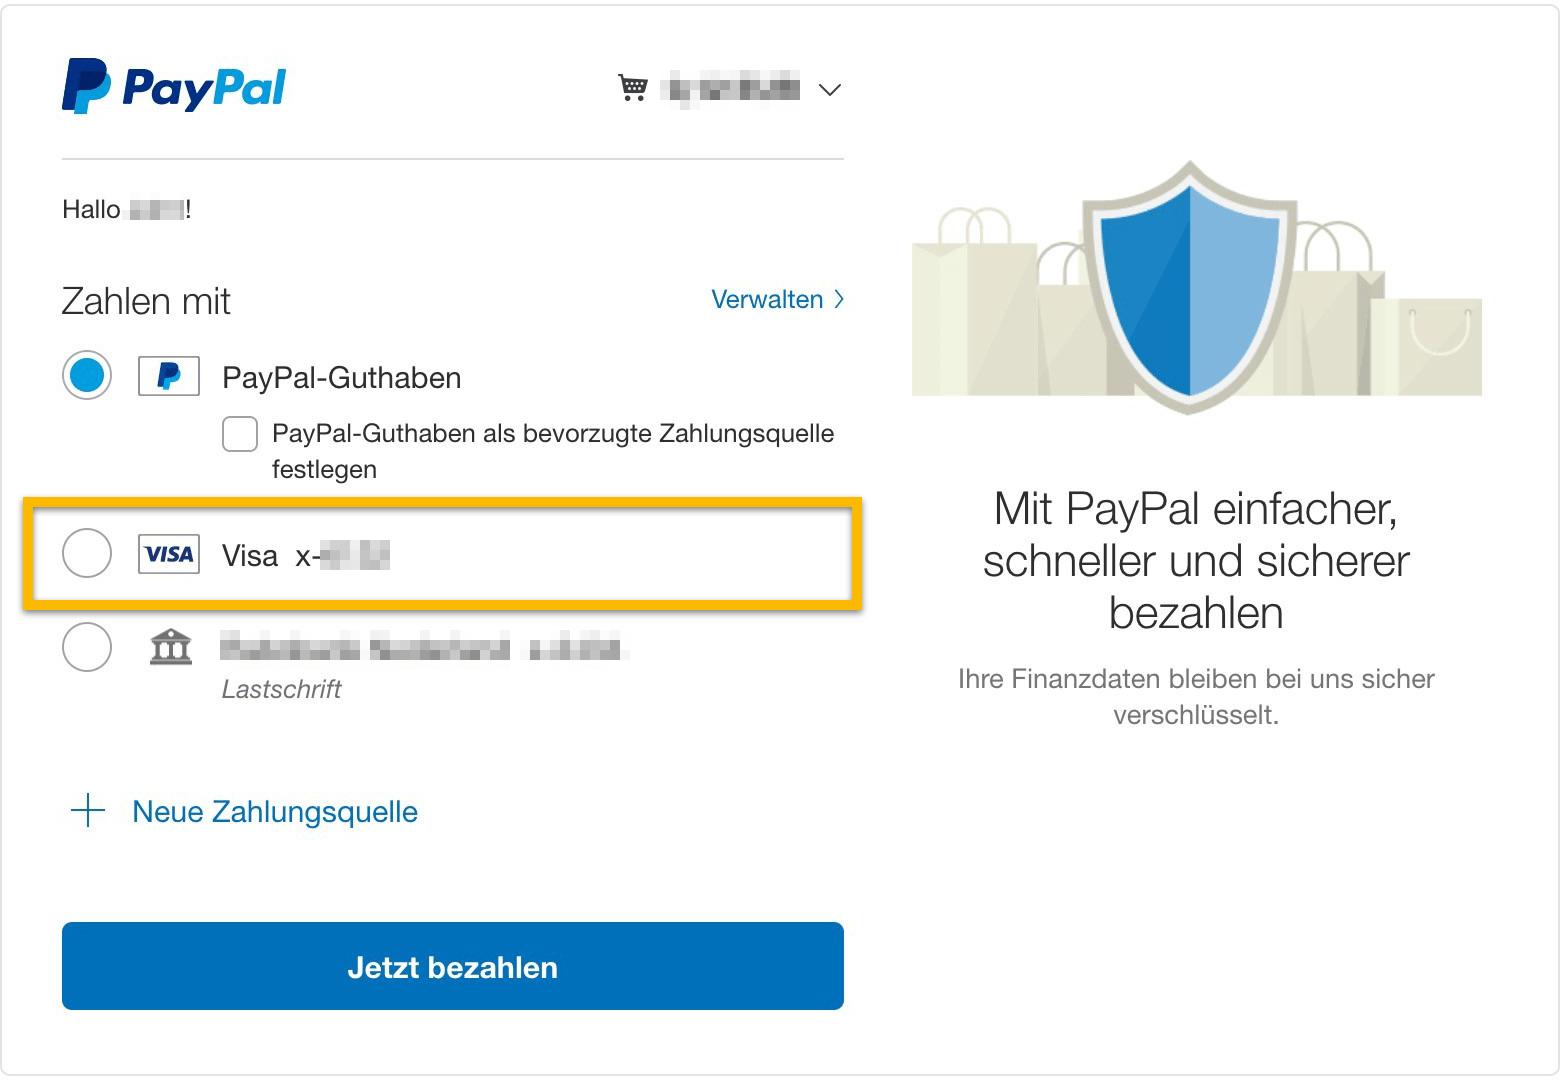 paypal screenshot zahlen mit